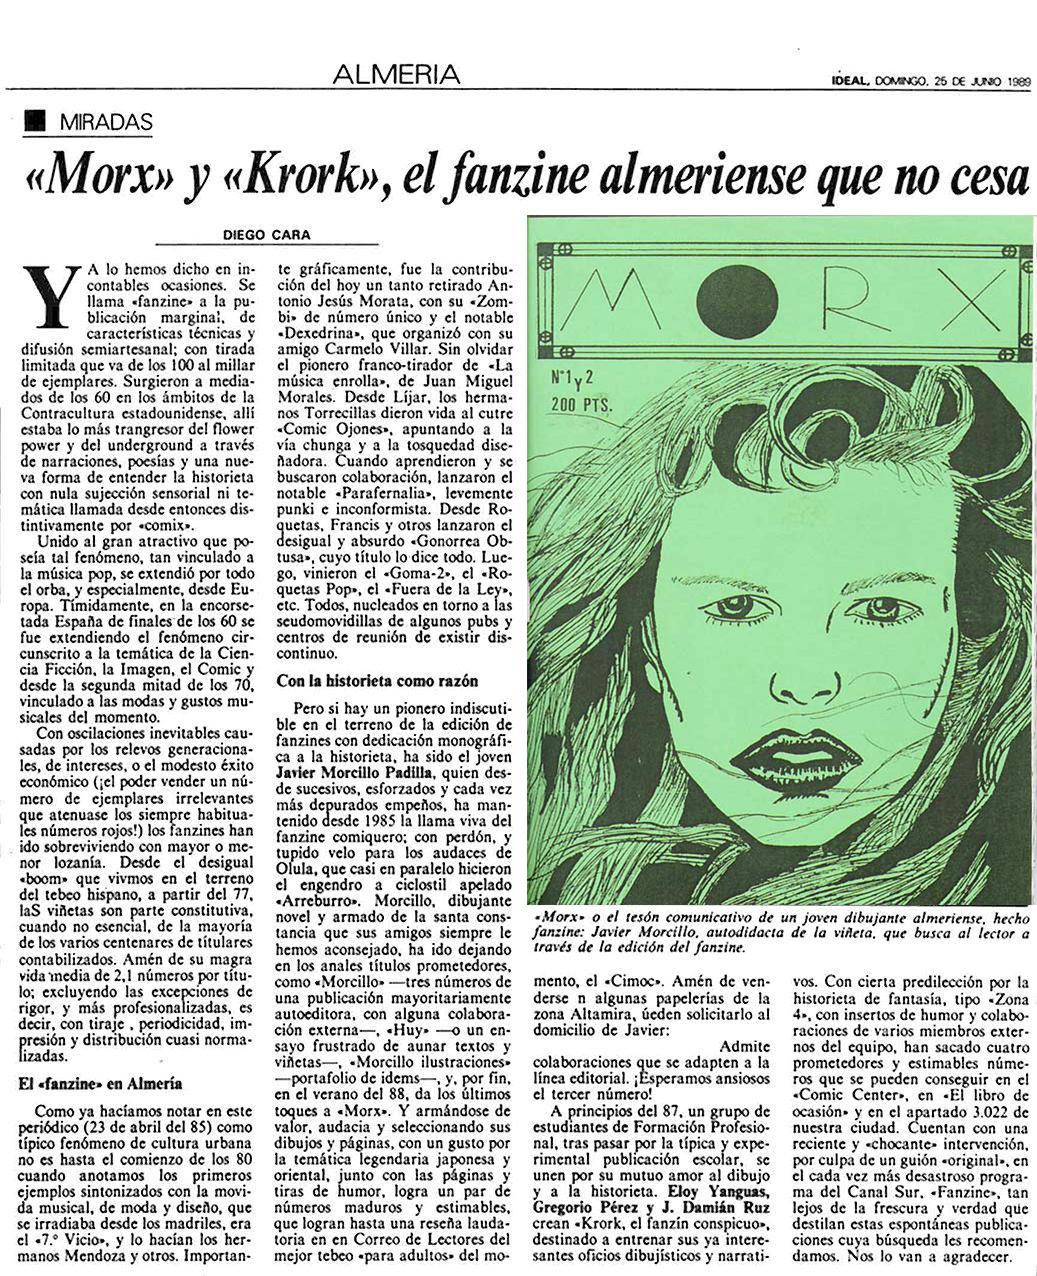 Artículo de Ideal sobre el comic en Almería.